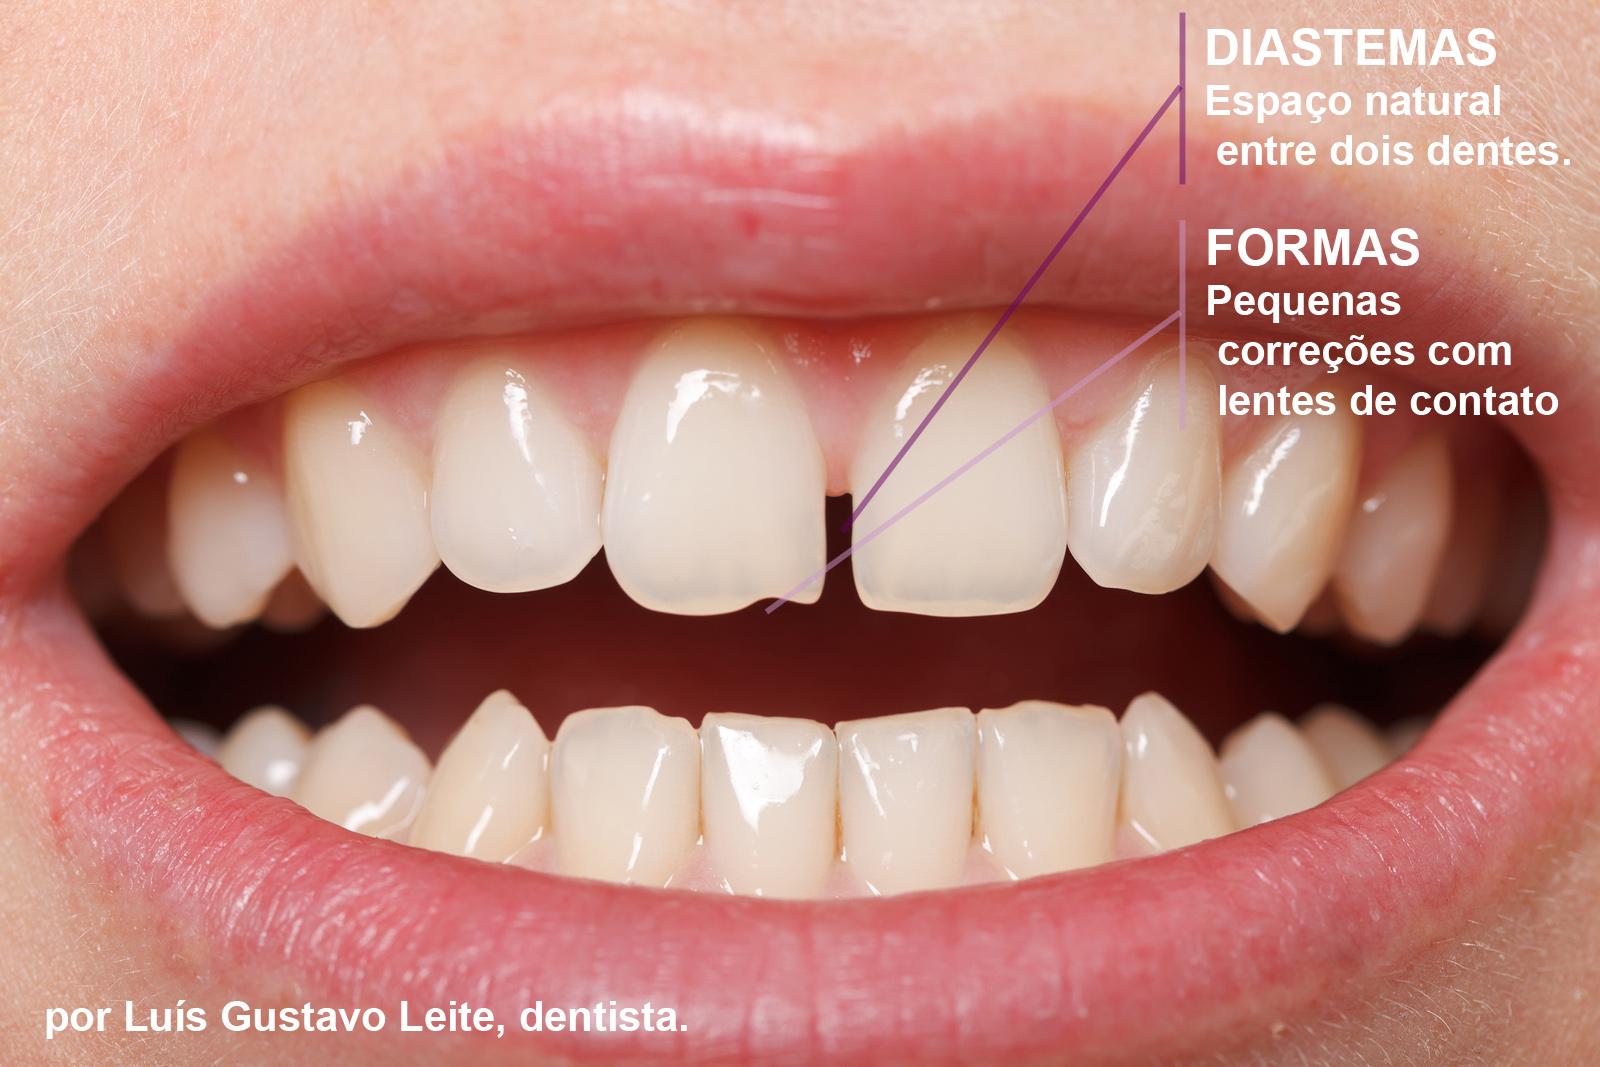 LENTE DE CONTATO DENTAL. Exemplo de indicação de solução conjunta de correção de diastema e correção de pequena falha de forma.